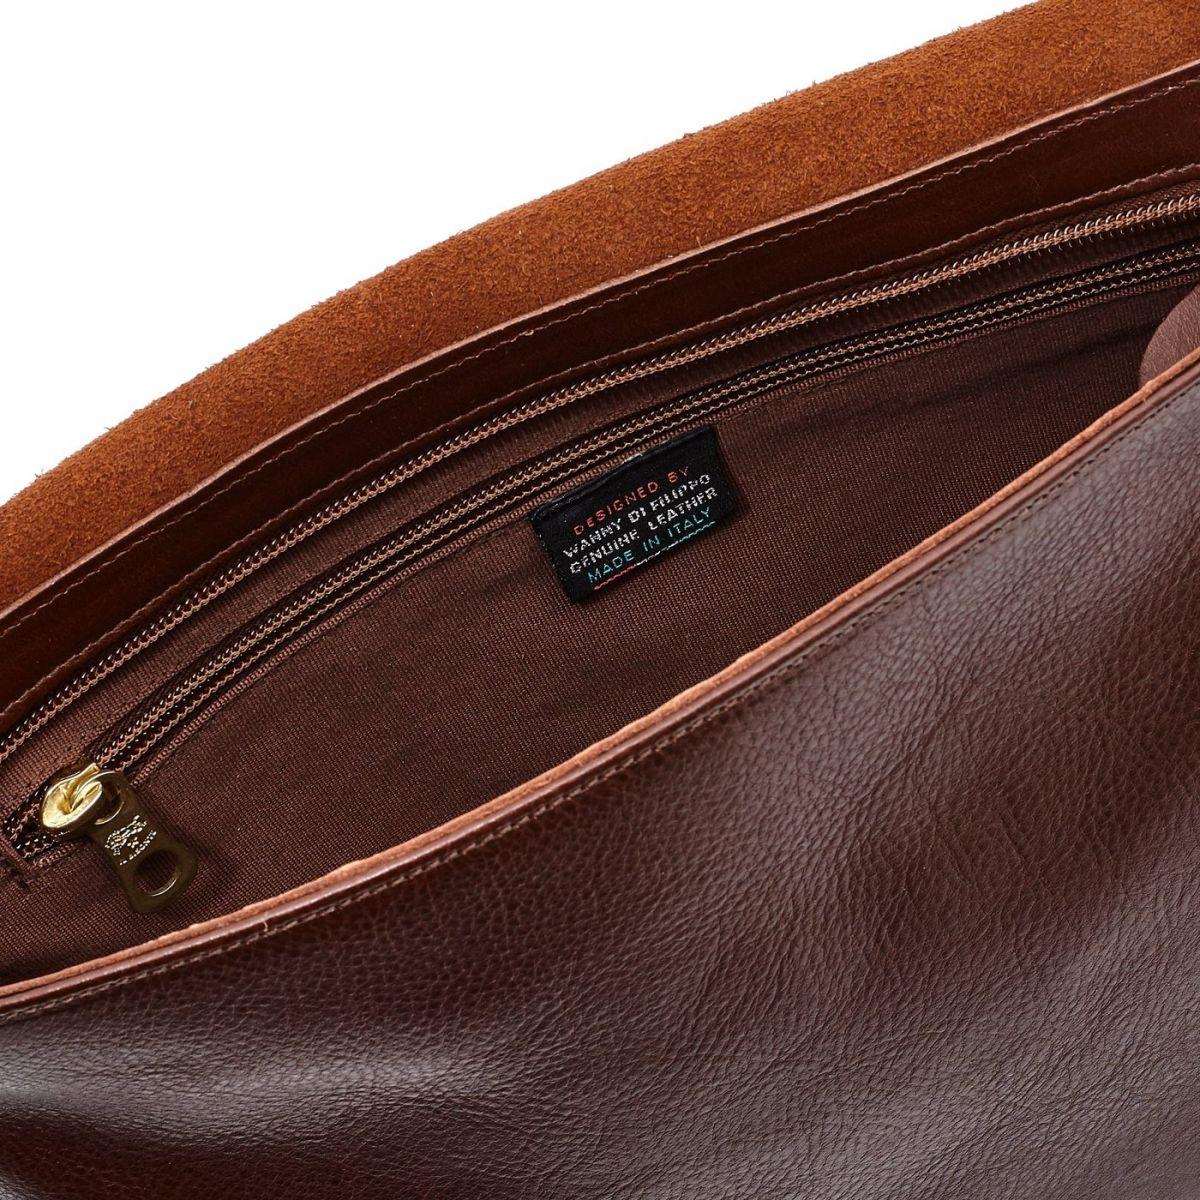 Sac Messenger pour Homme en Cuir De Vachette Doublé BME001 couleur Brun | Details